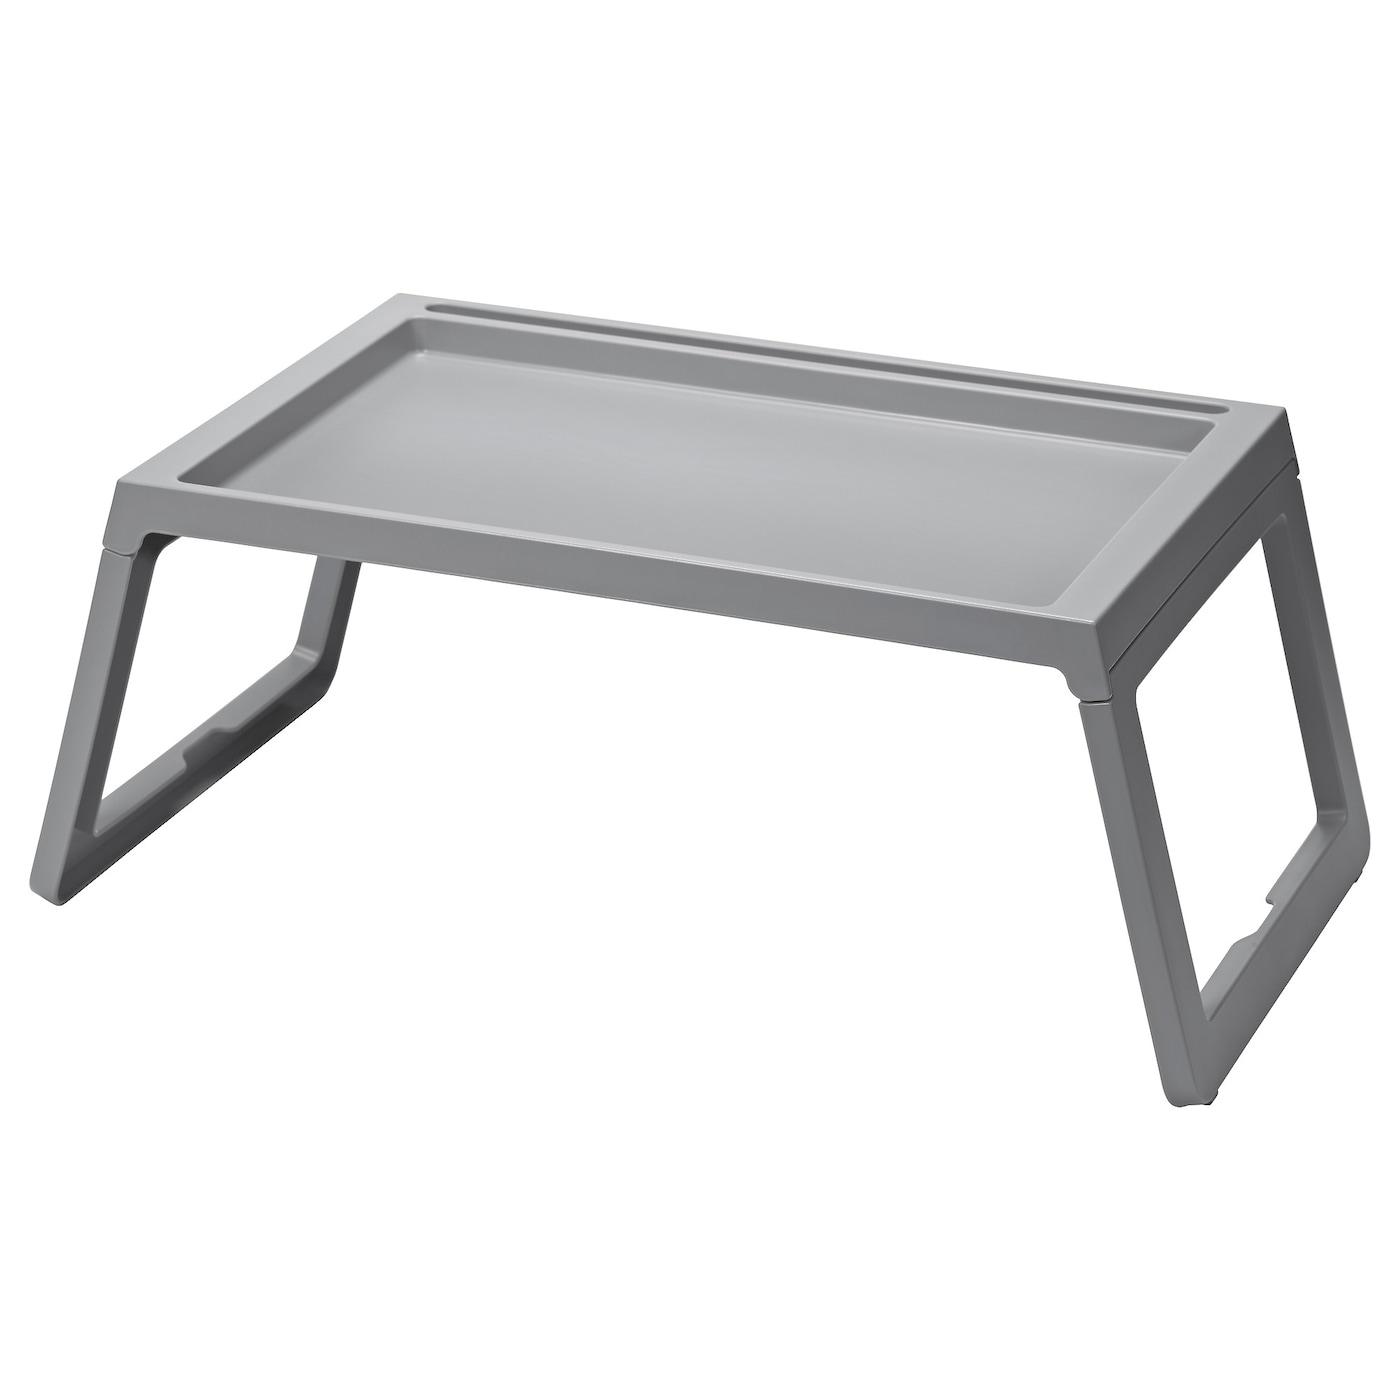 IKEA KLIPSK Stolik-tacka, szary